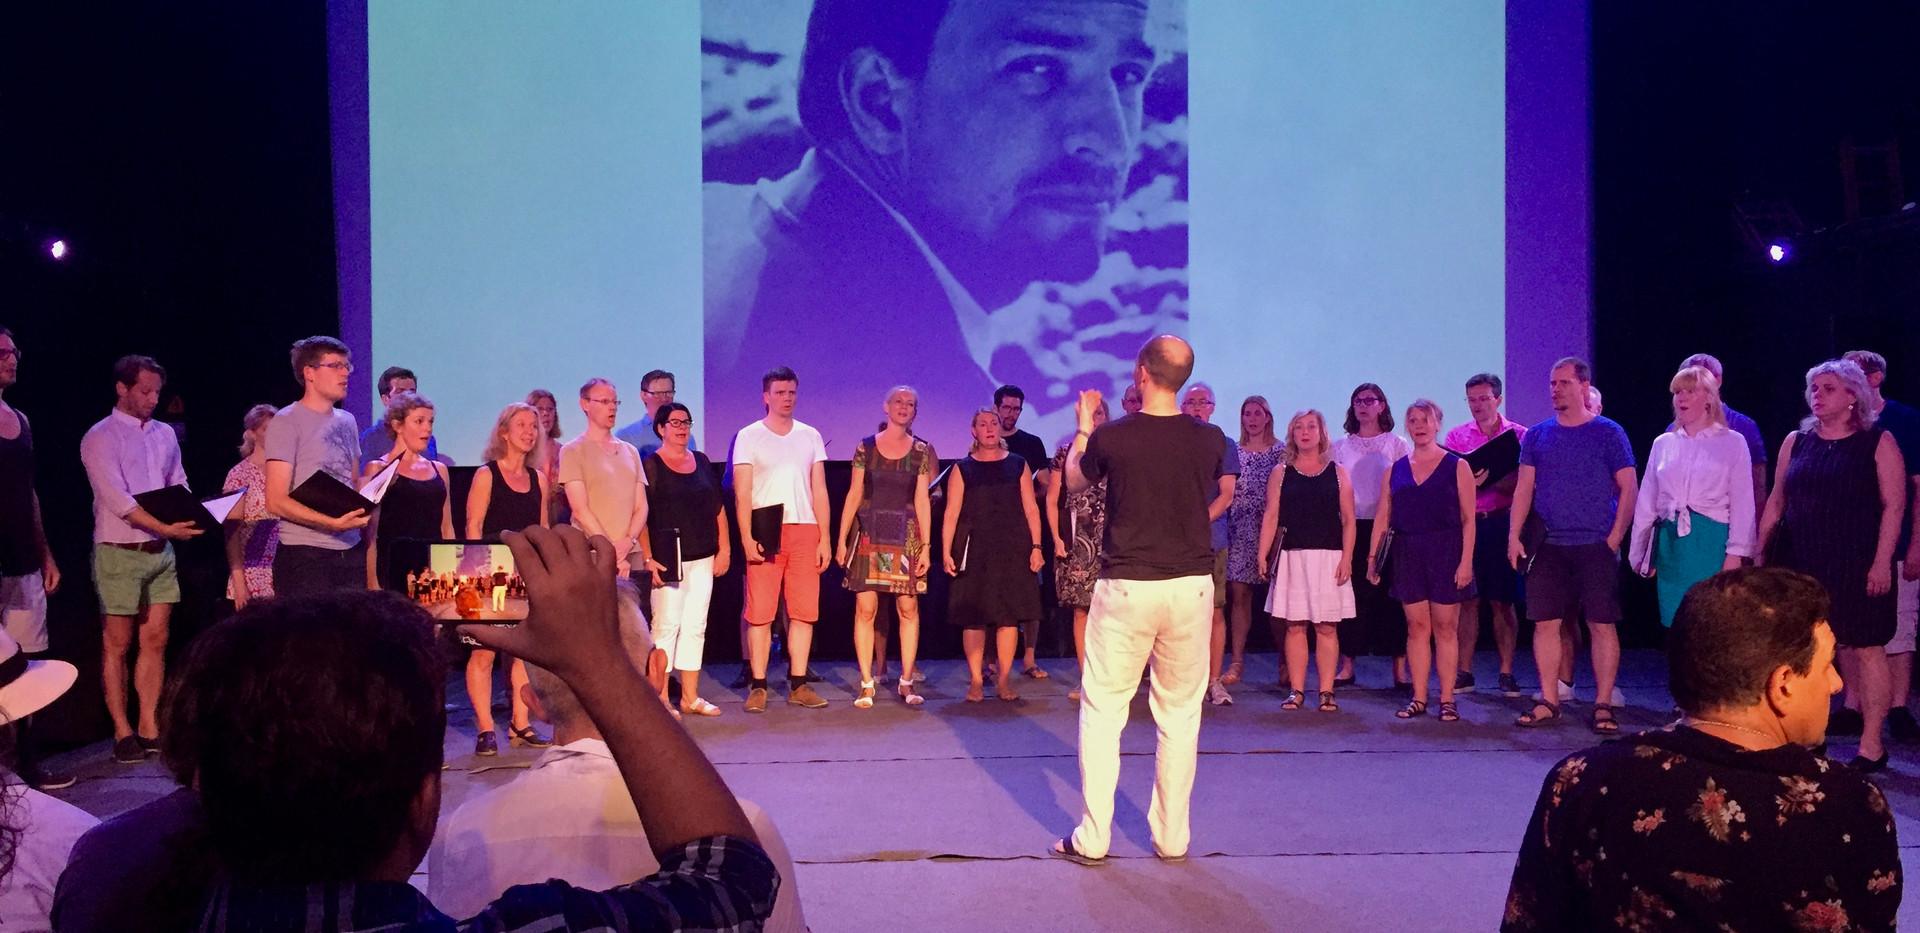 Flashmob-konsert på La Fábrica de Arte Cubano, Kuba